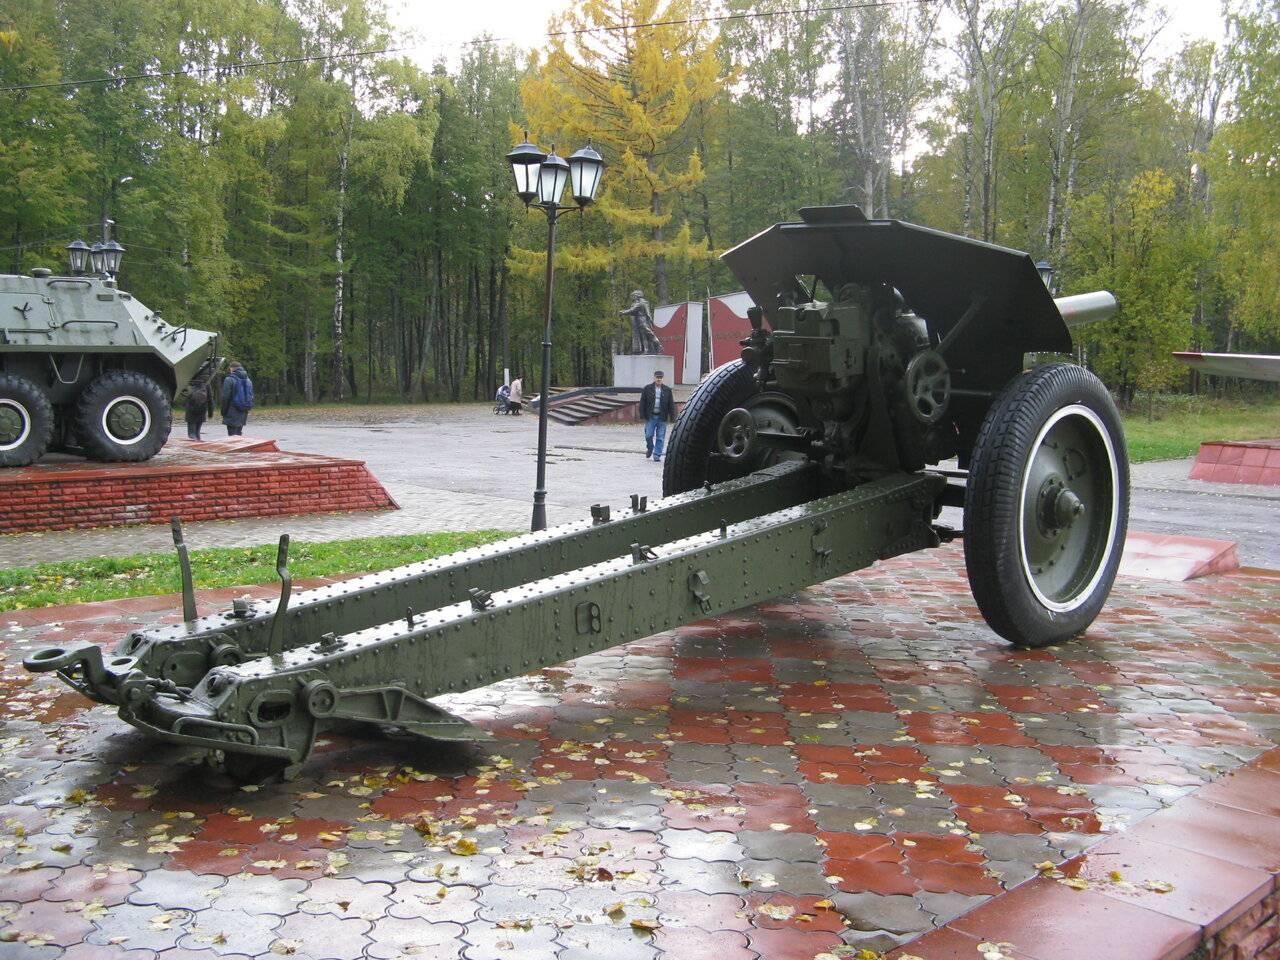 122-мм гаубица образца 1938 года (м-30) - 122 mm howitzer m1938 (m-30)